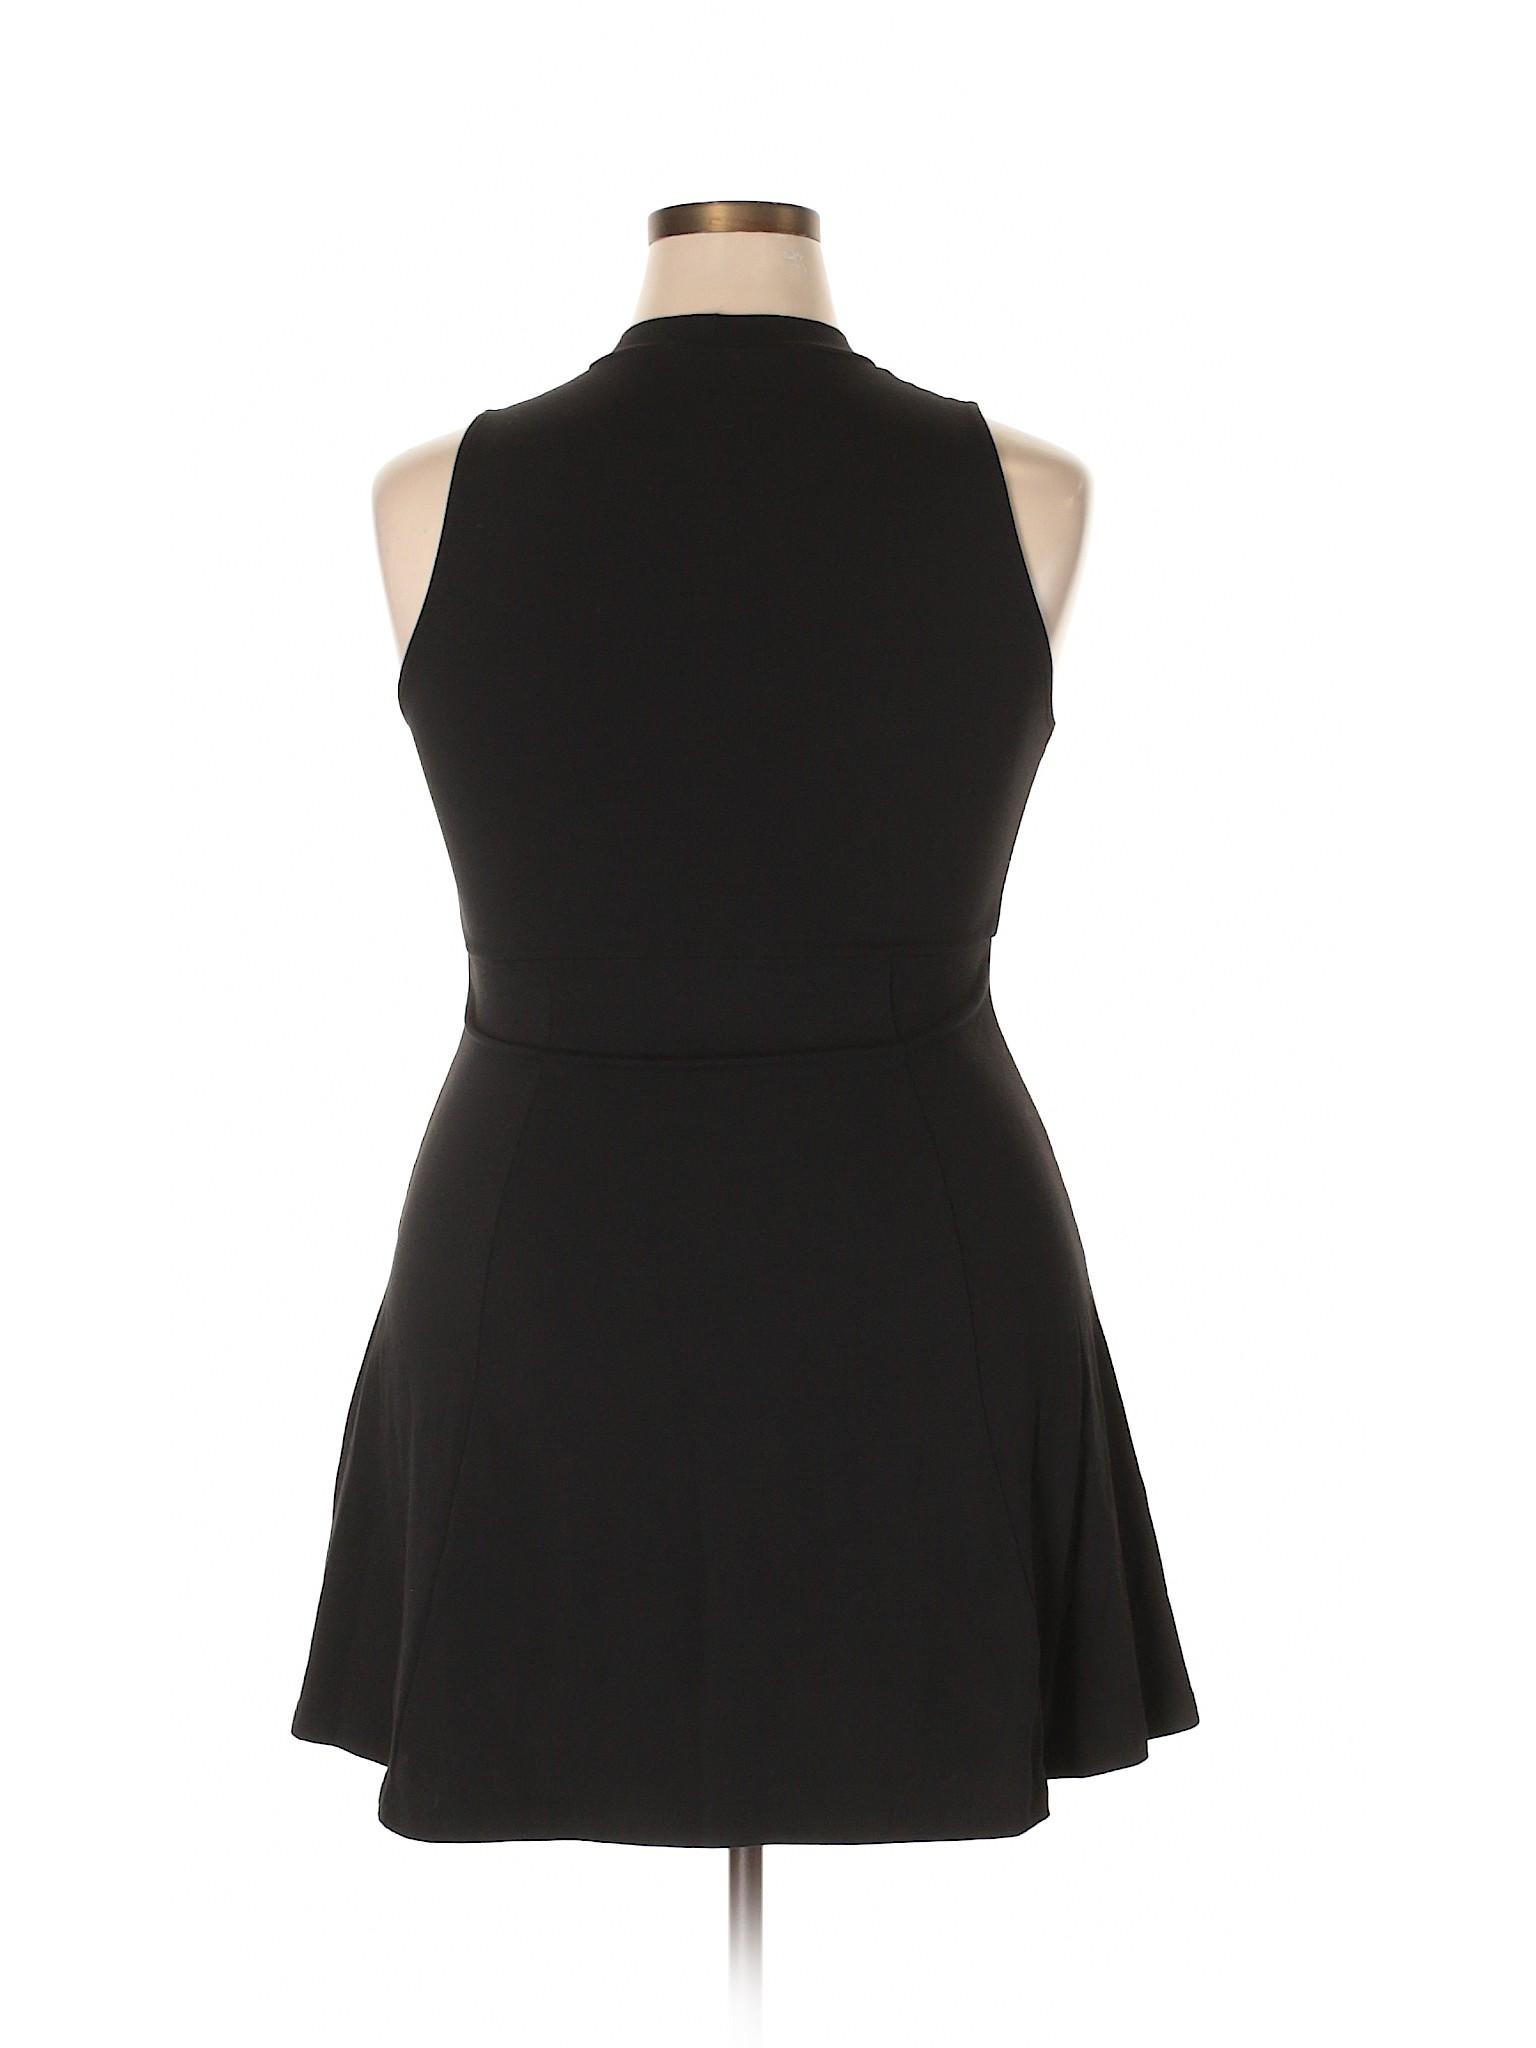 Dress Boutique winter winter ASOS Casual Boutique ZzwqX